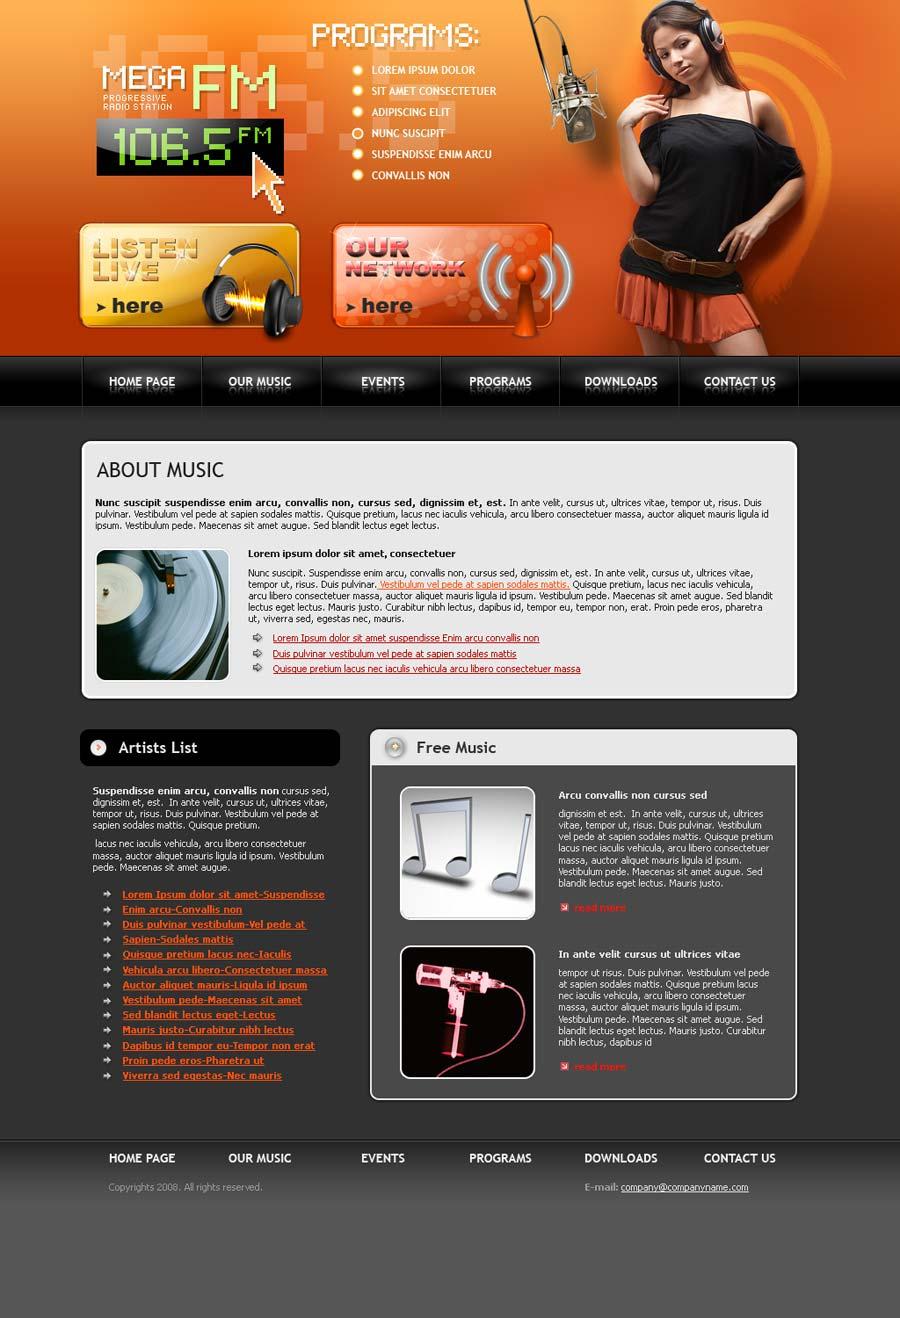 radio fm website template id 300110027